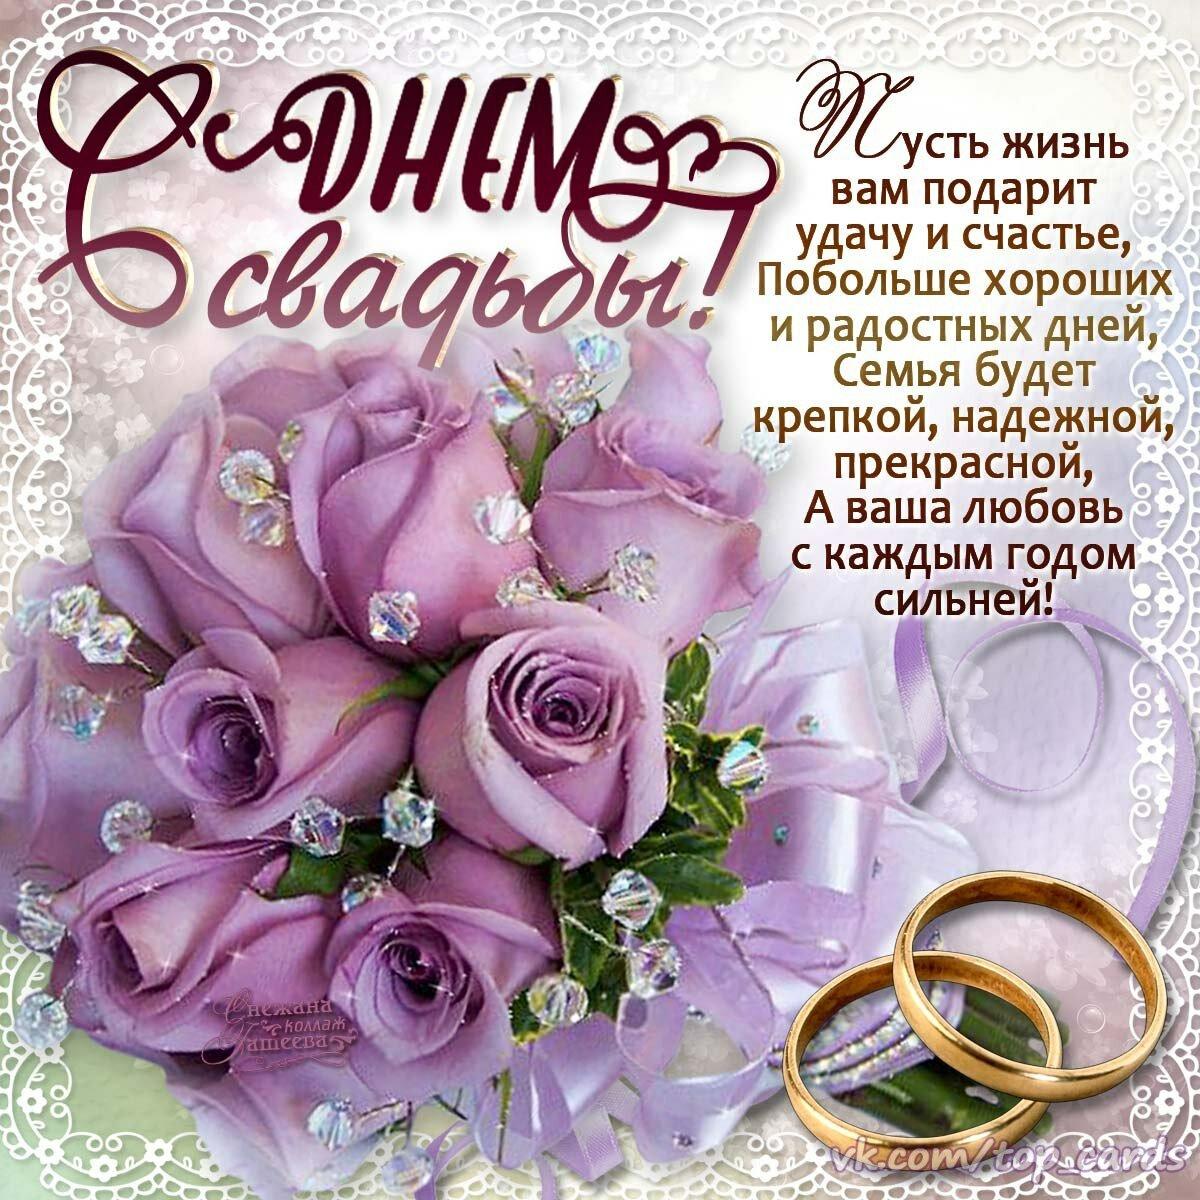 Душевные поздравления с годовщиной